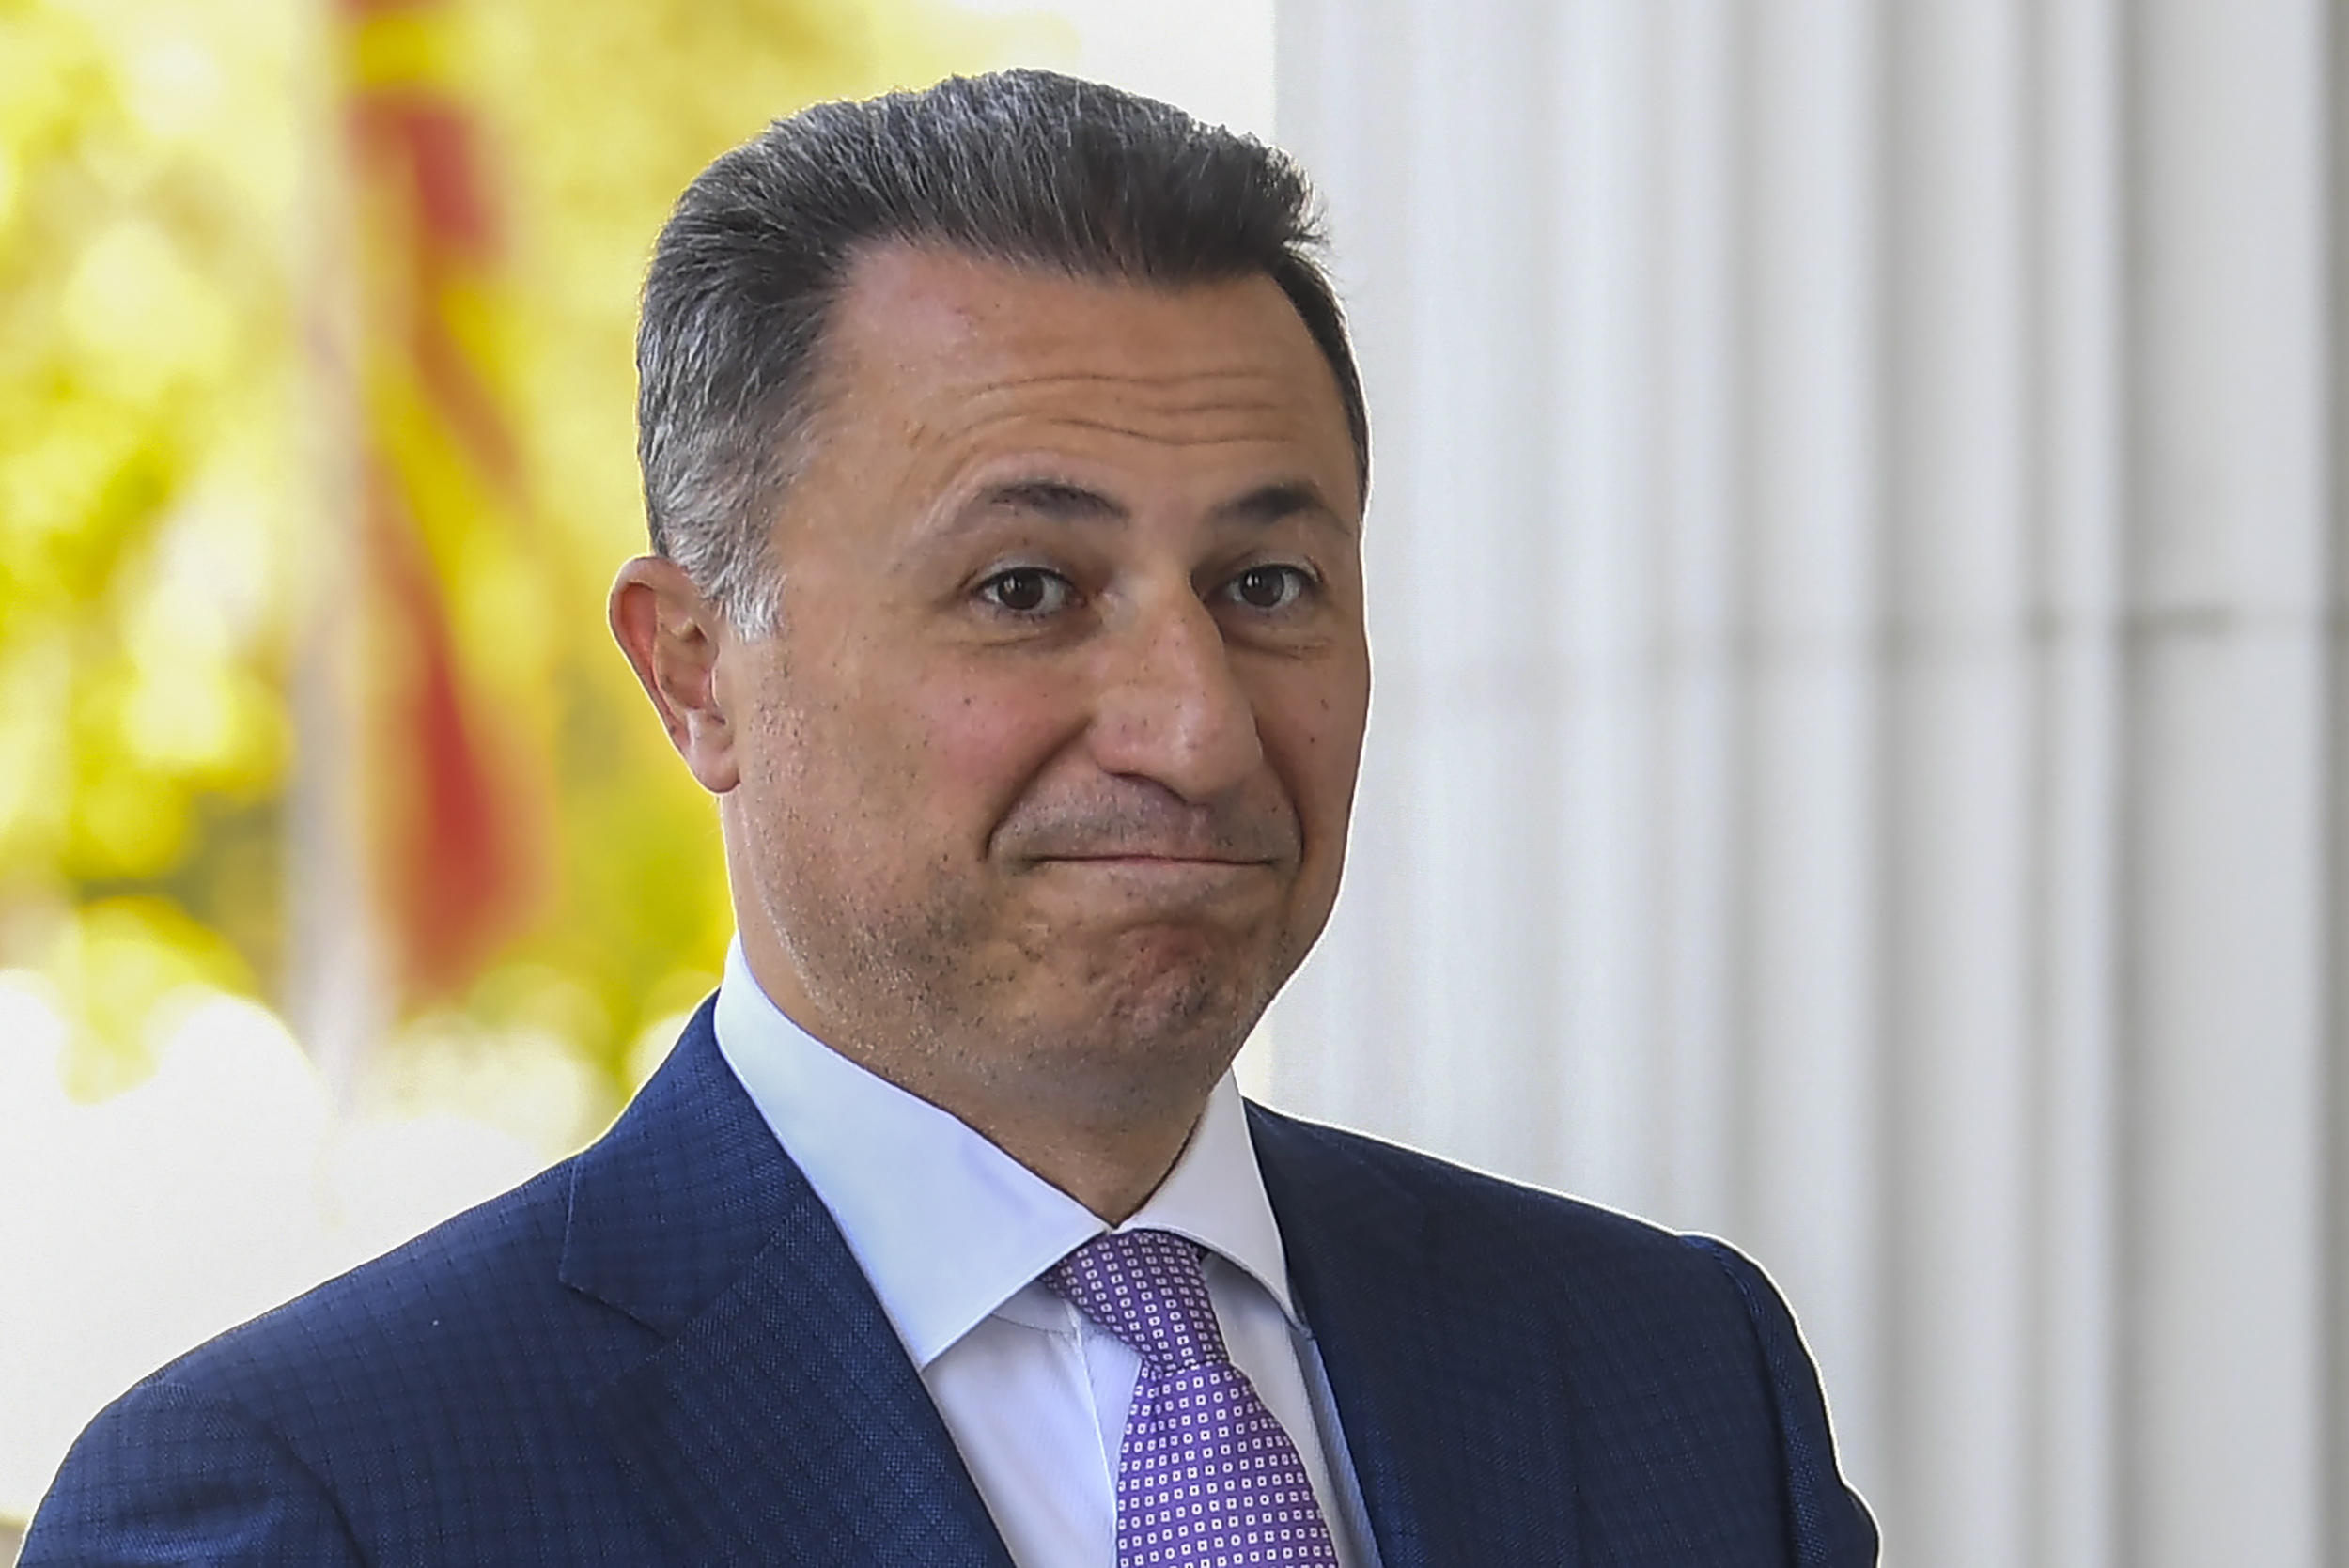 Bivši makedonski premijer Nikola Gruevski traži azil u Mađarskoj